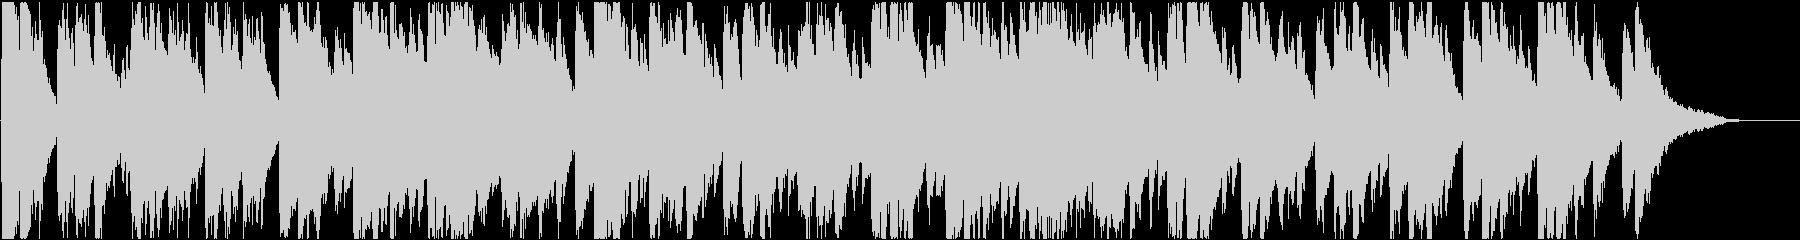 バロック 16bit48kHzVerの未再生の波形